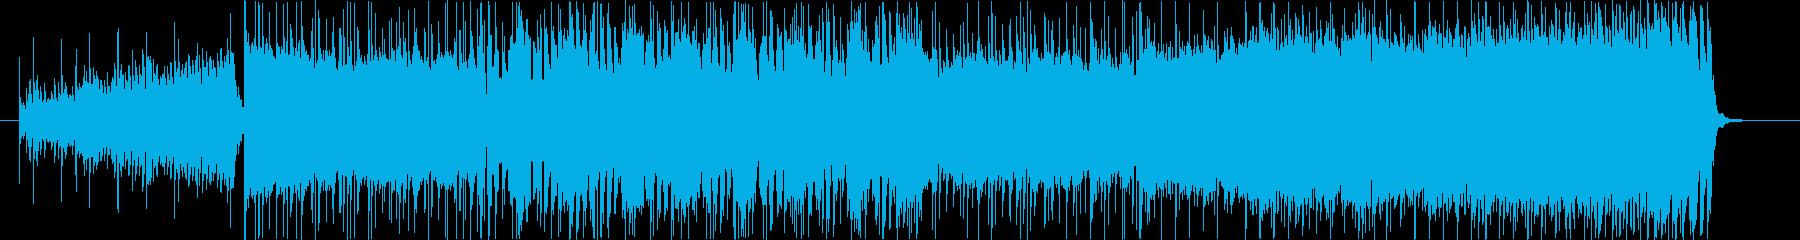 ギター メタル ハードロック調/生演奏の再生済みの波形